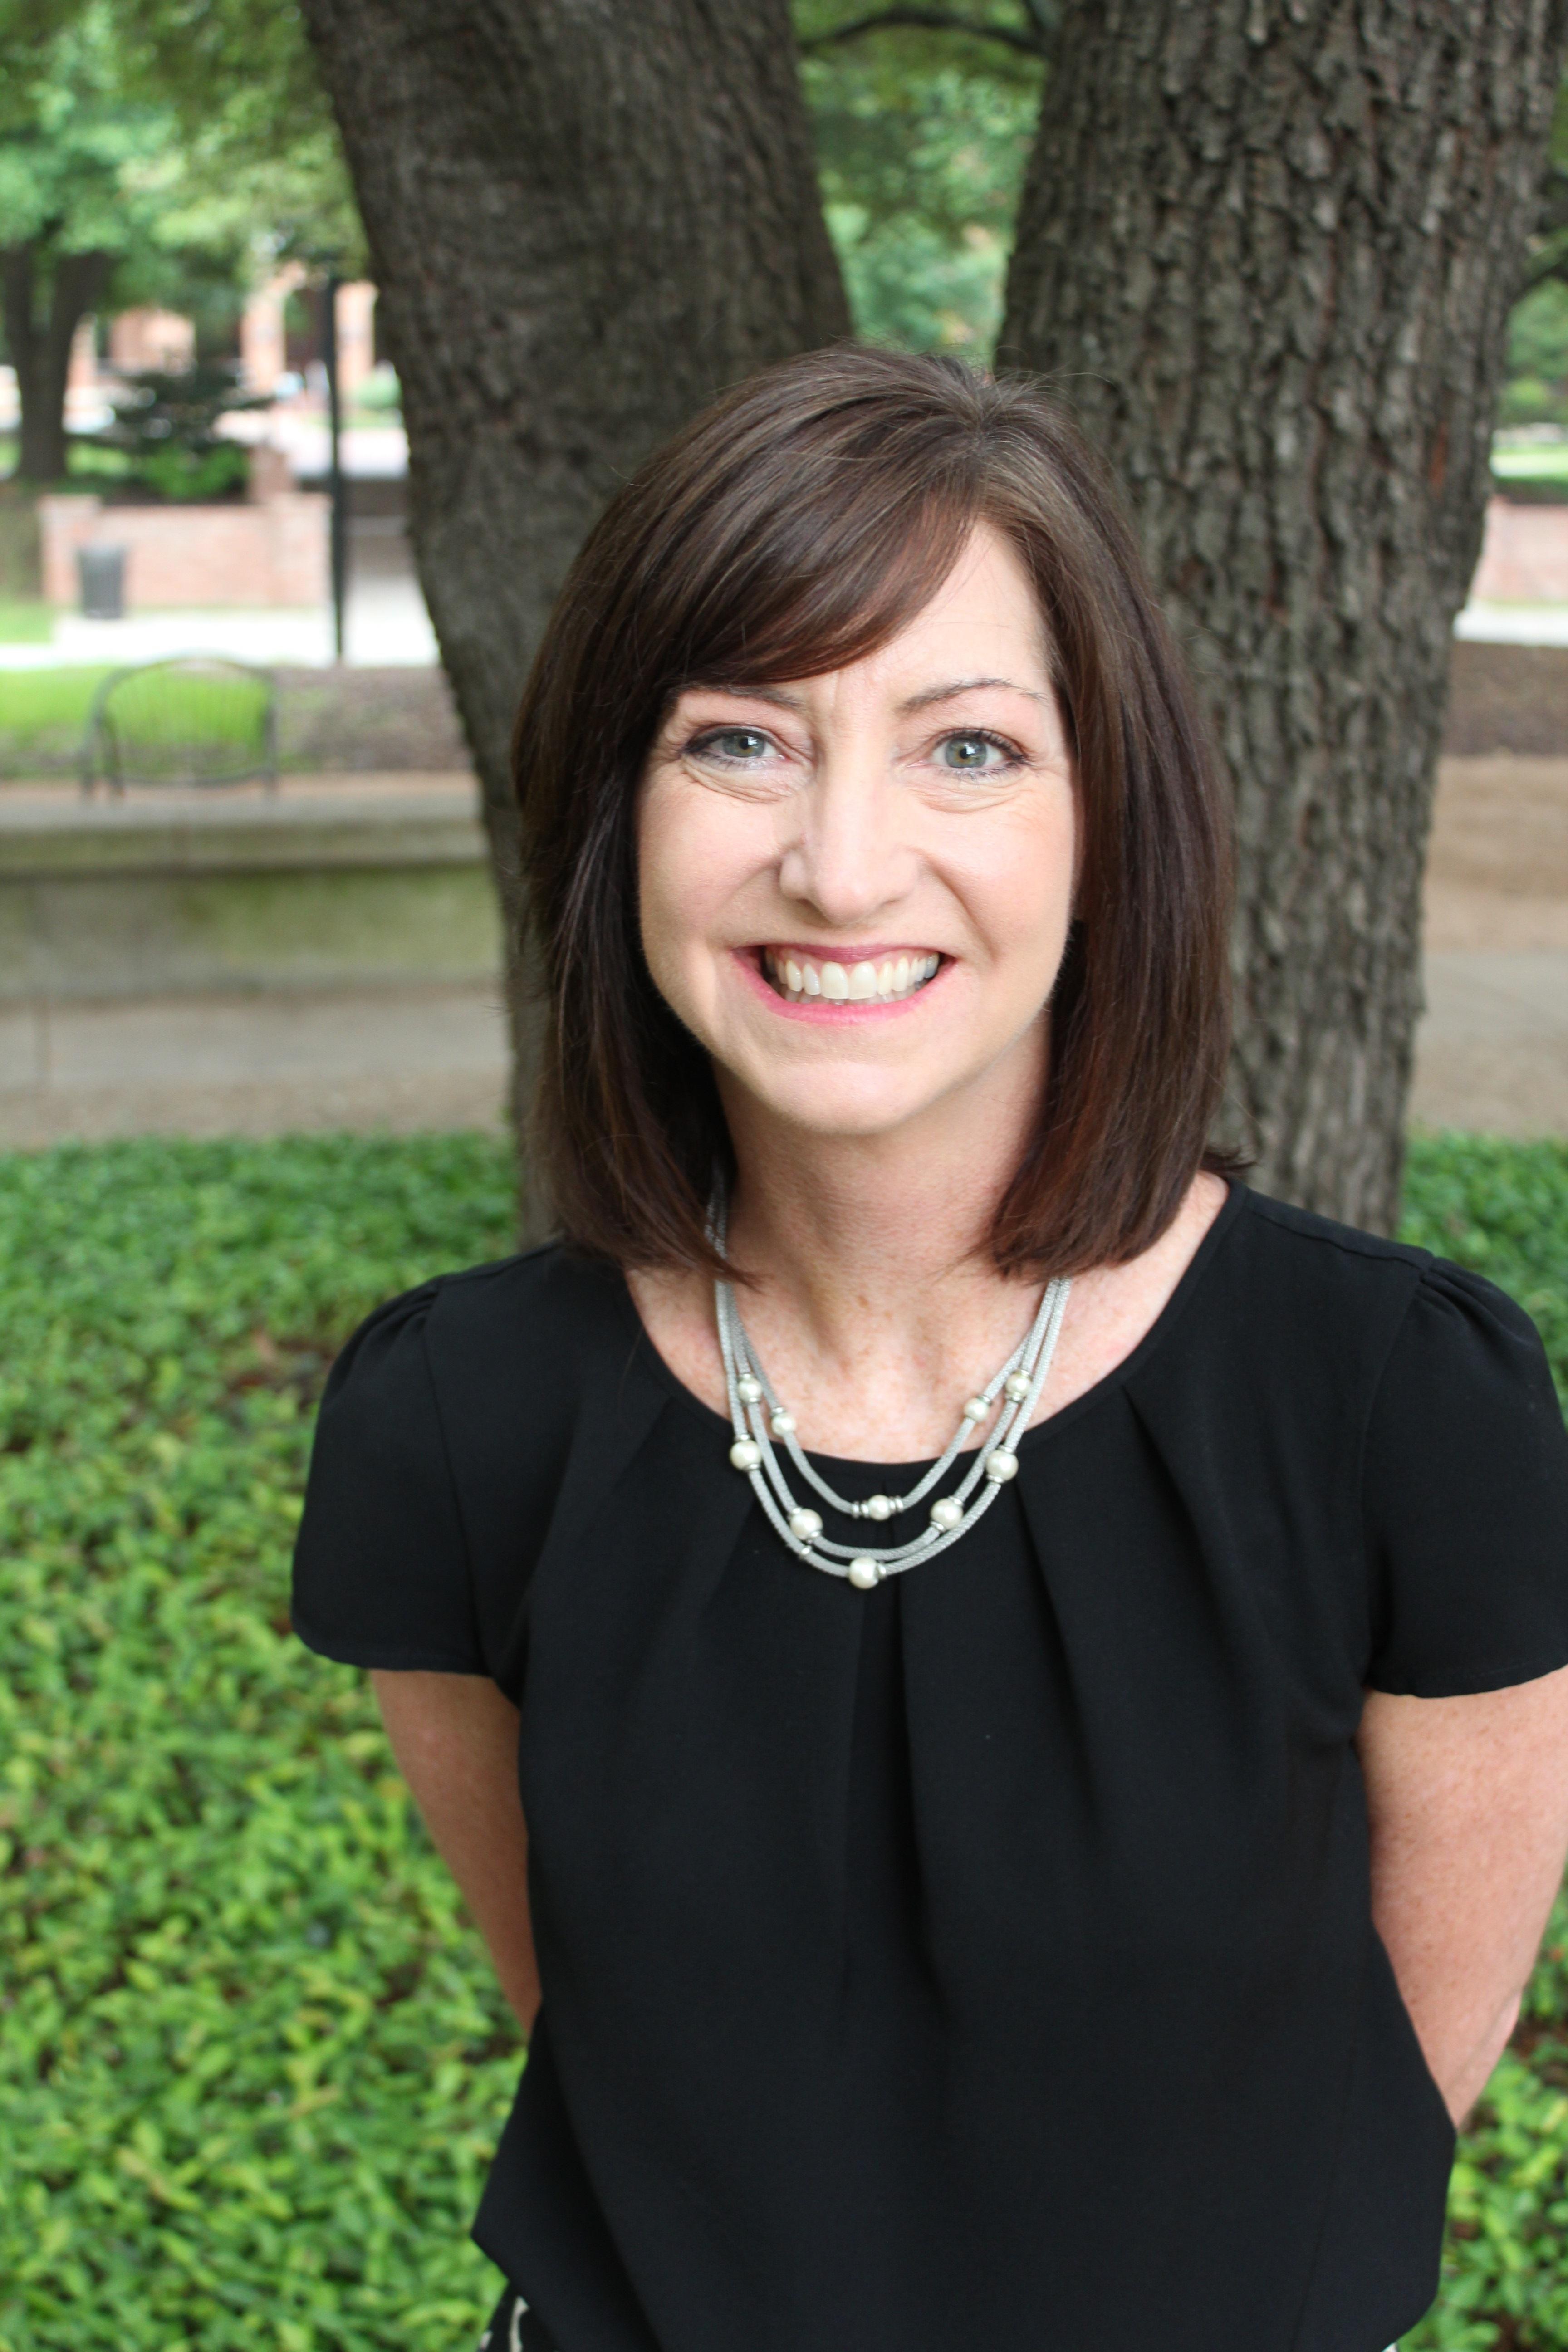 Nadine Welch, M.S. CCC/SLP